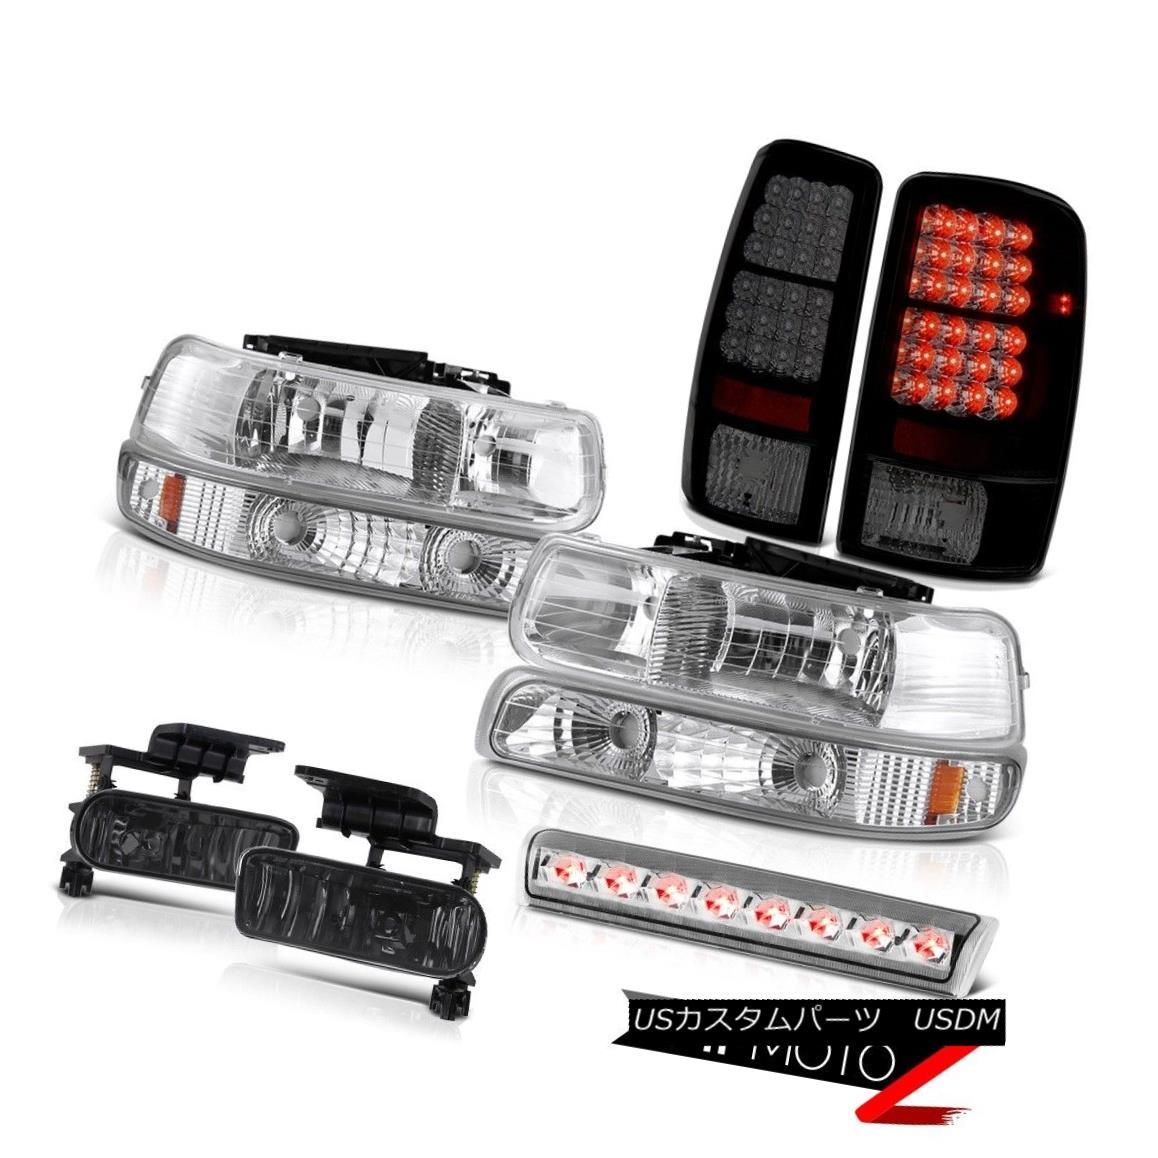 ヘッドライト 2000-2006 Suburban 2500 Z71 Headlamps taillamps smokey foglamps 3rd brake lamp 2000-2006郊外2500 Z71ヘッドランプテールランプスモーキーフォグランプ第3ブレーキランプ